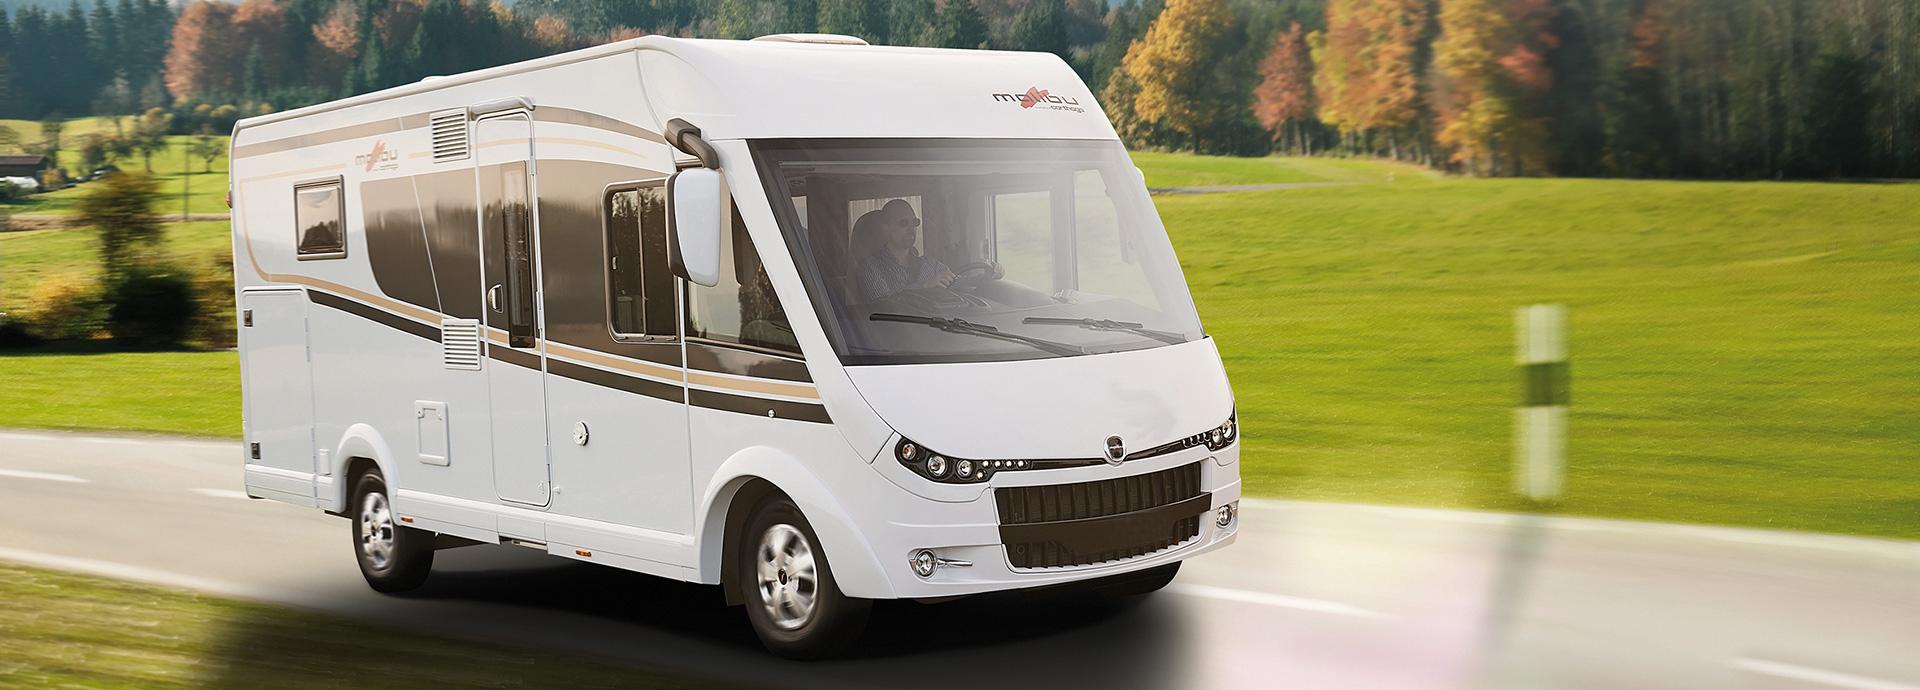 malibu-reisemobil-2